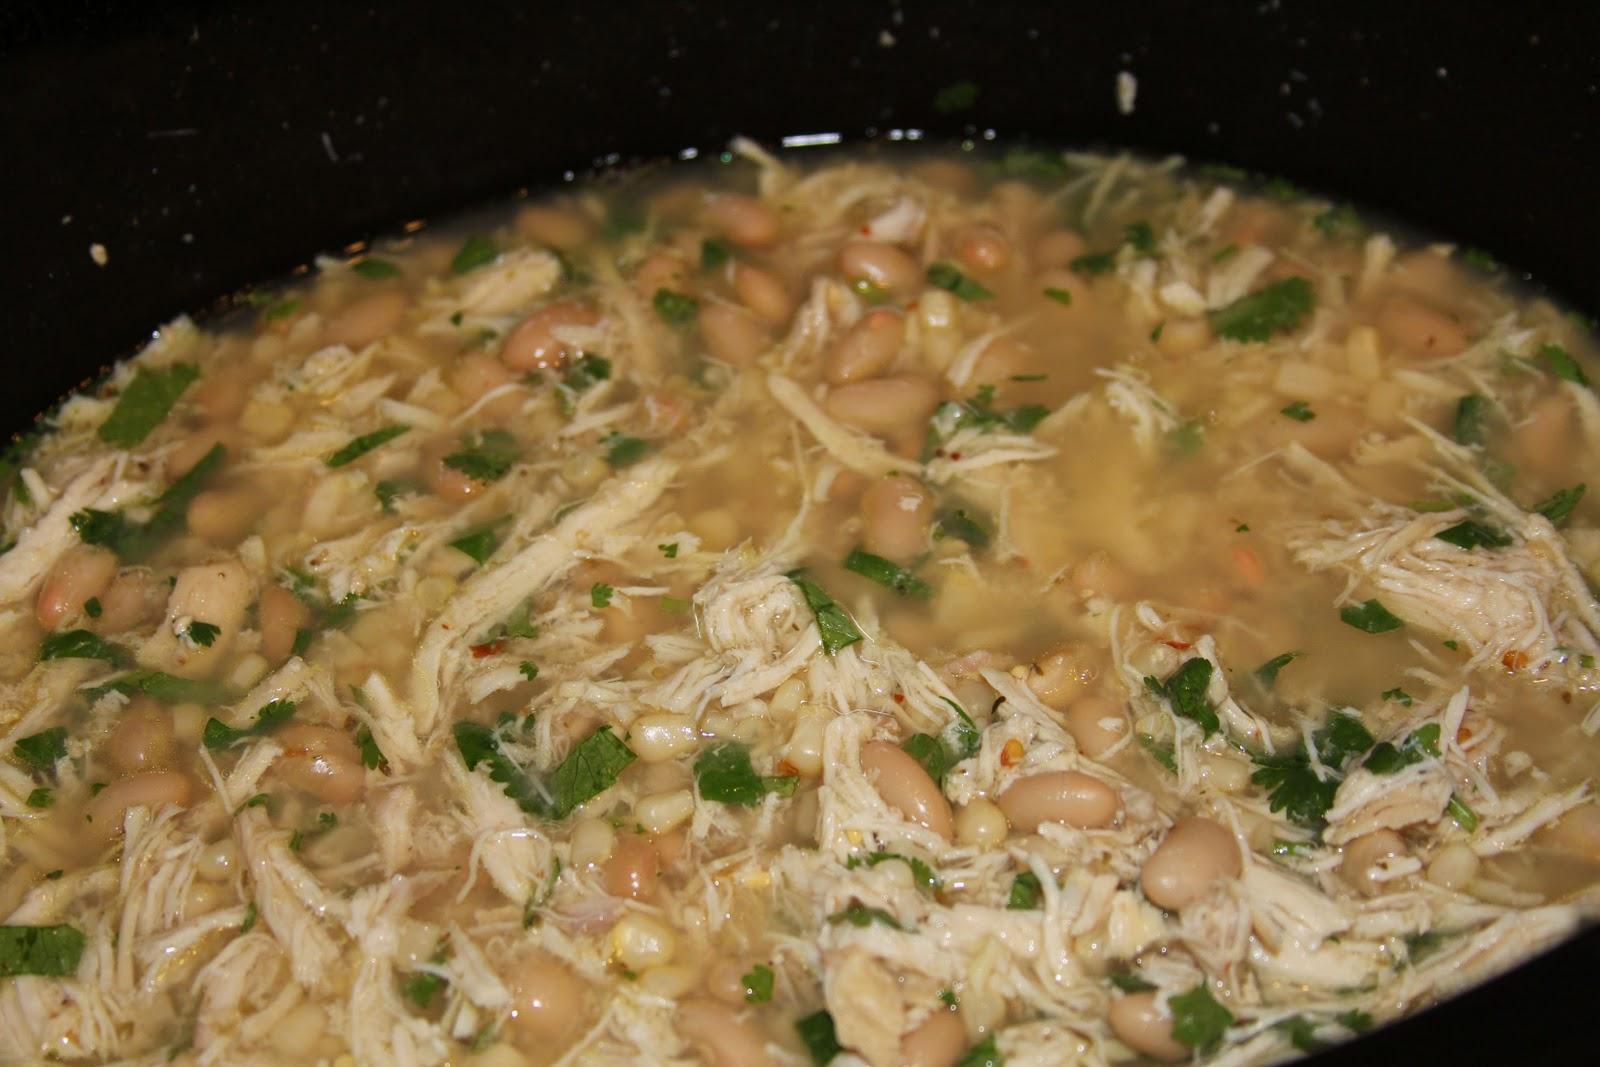 White Chicken Chili Crockpot Recipes With Corn